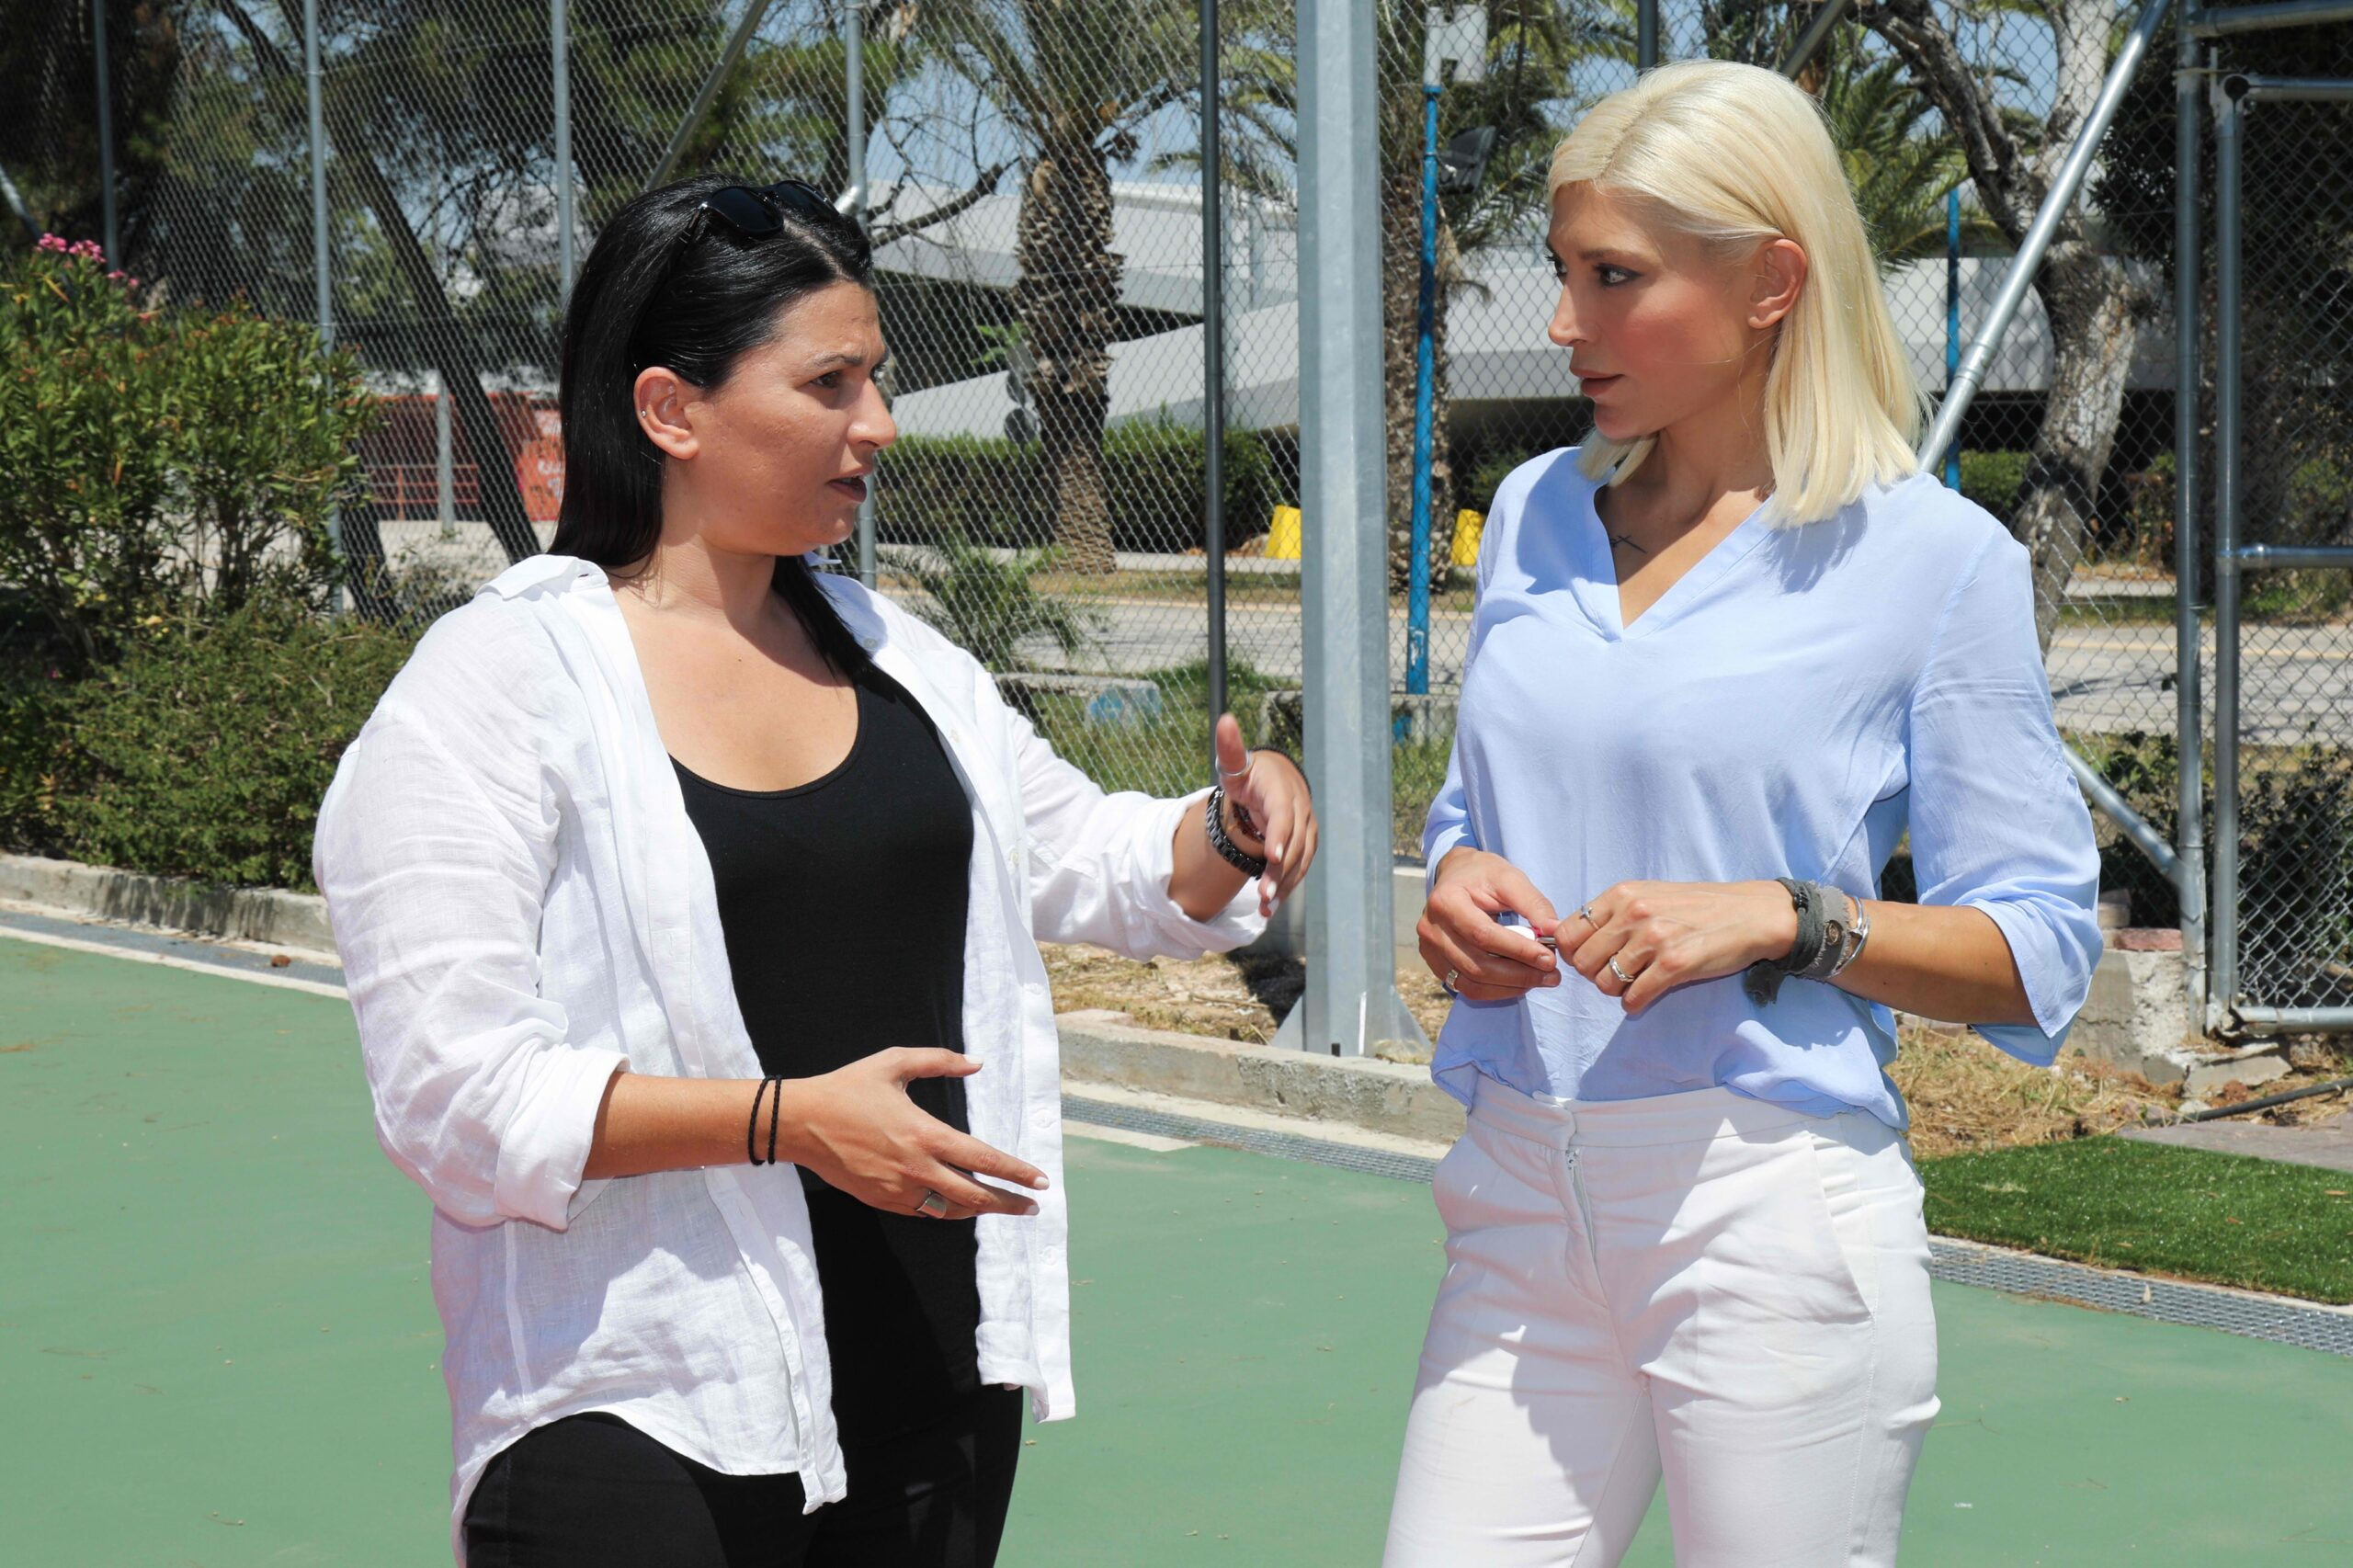 Παραδόθηκαν στη Διοίκηση του ΣΕΦ τα νέα γήπεδα τένις.